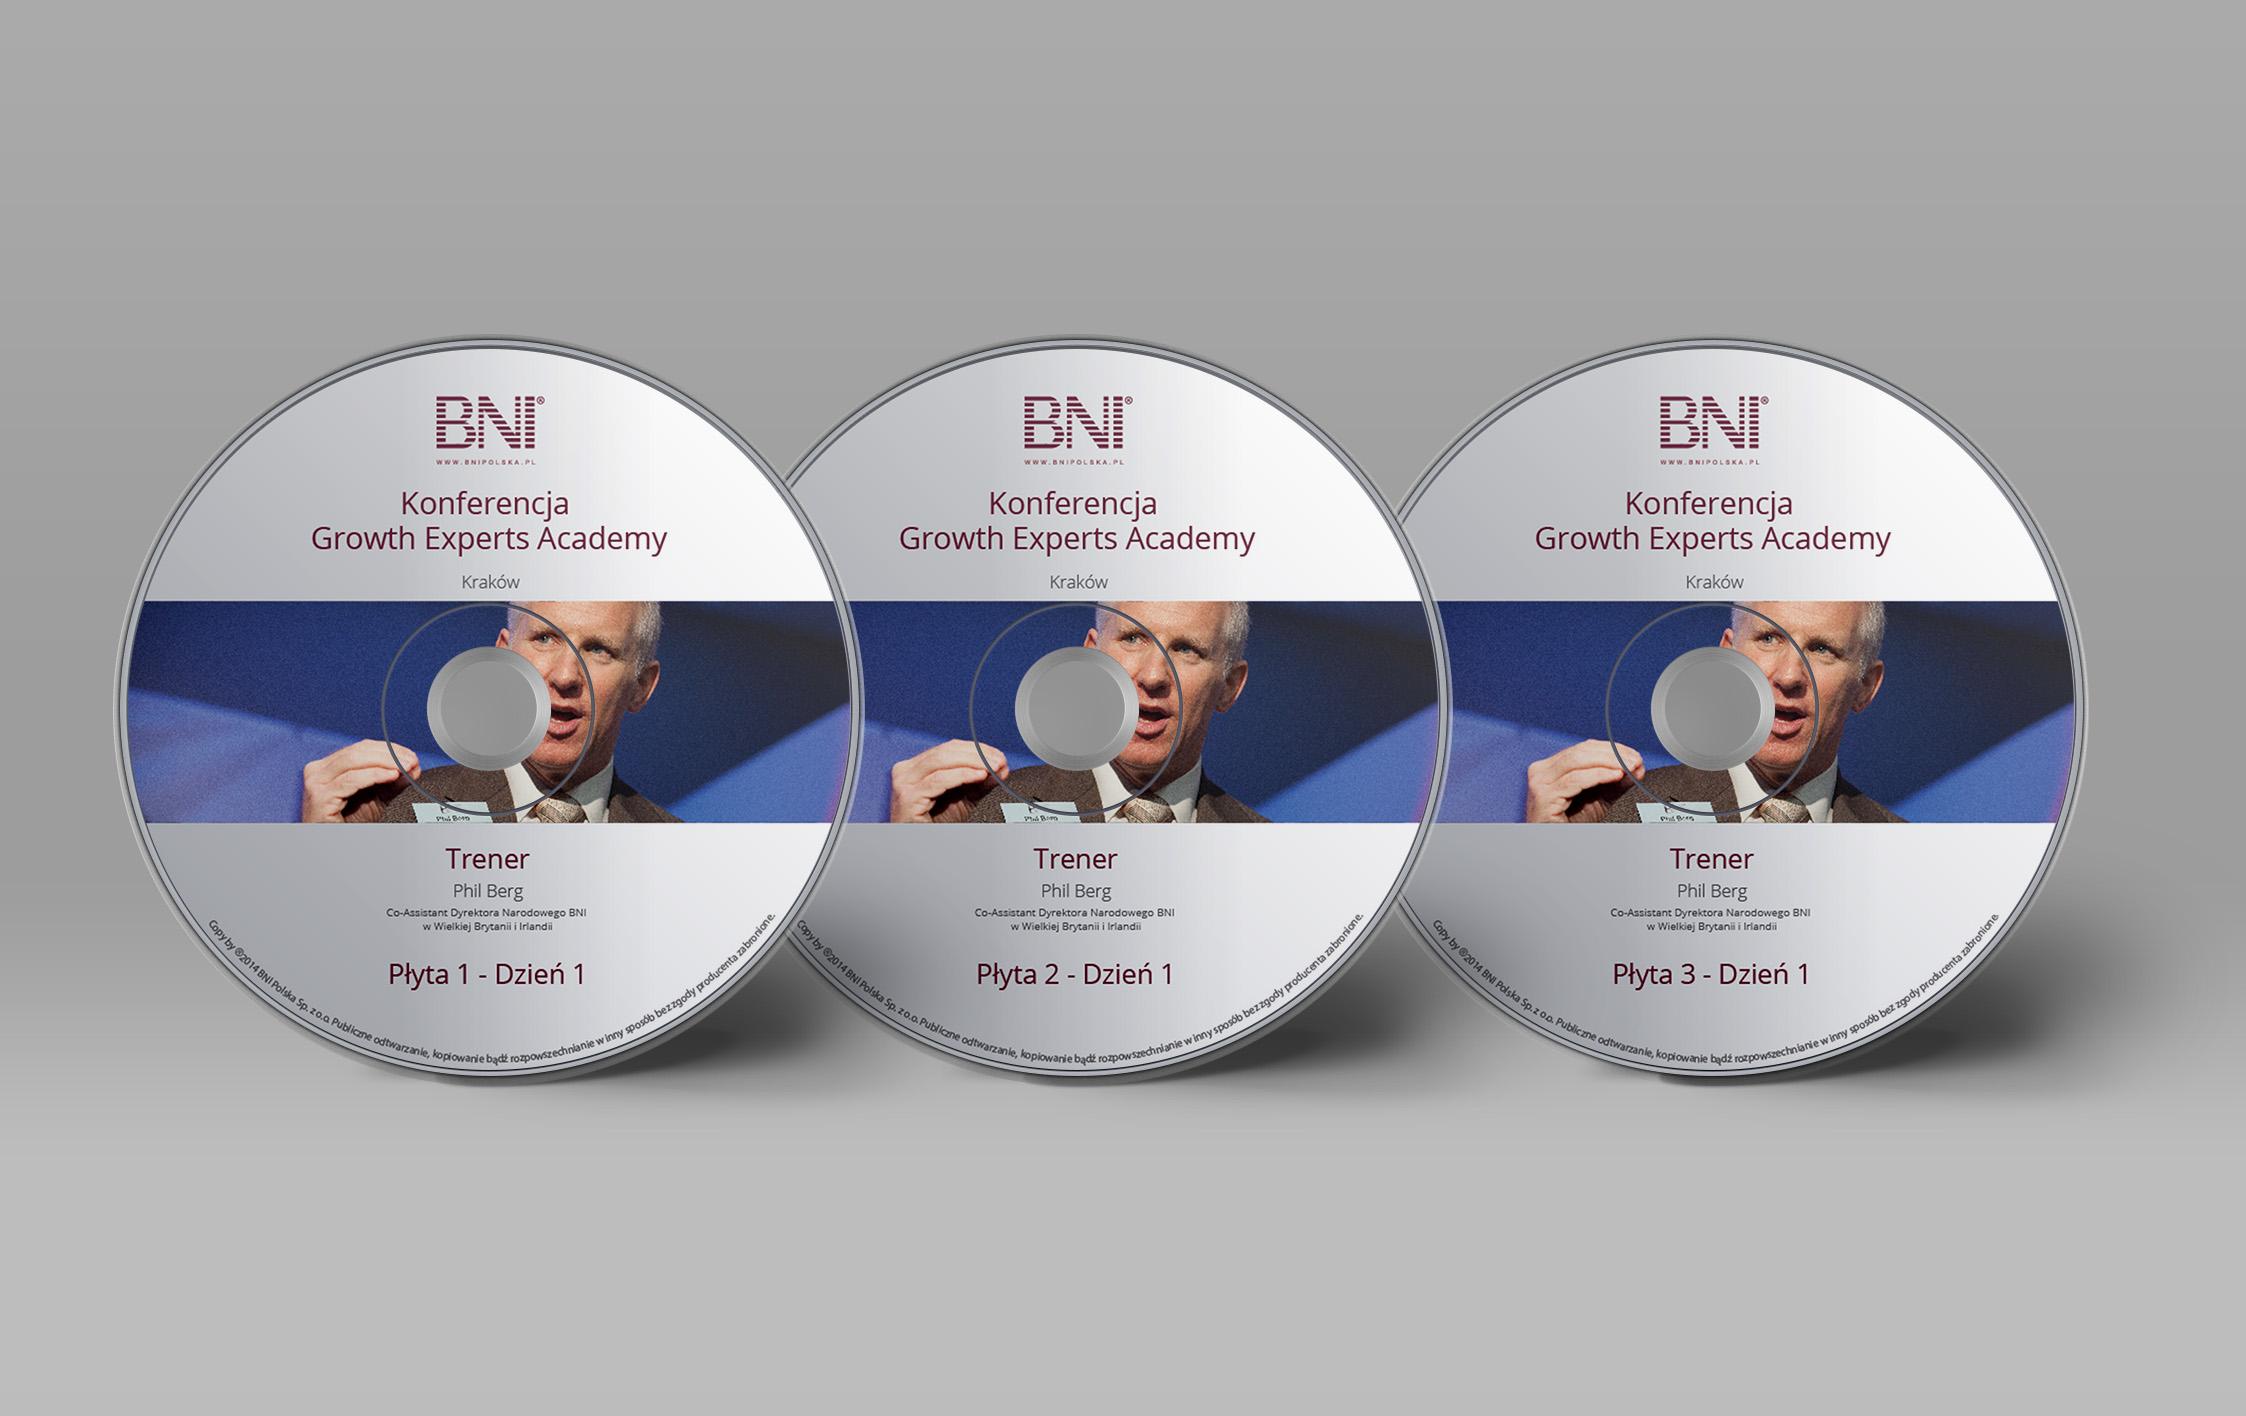 dvd-01-1-mockup